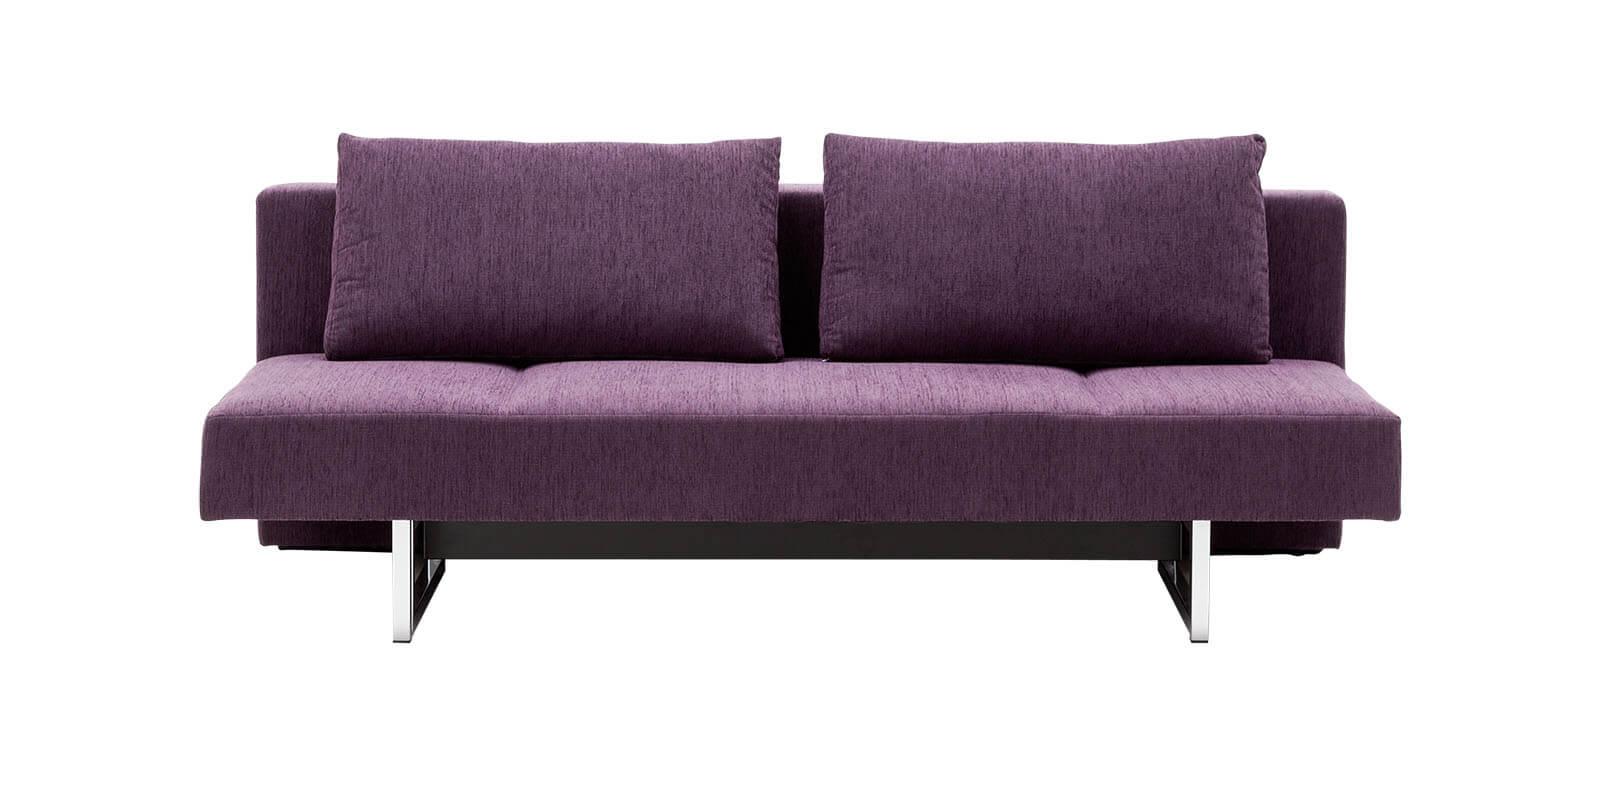 sofabed coin by franz fertig. Black Bedroom Furniture Sets. Home Design Ideas